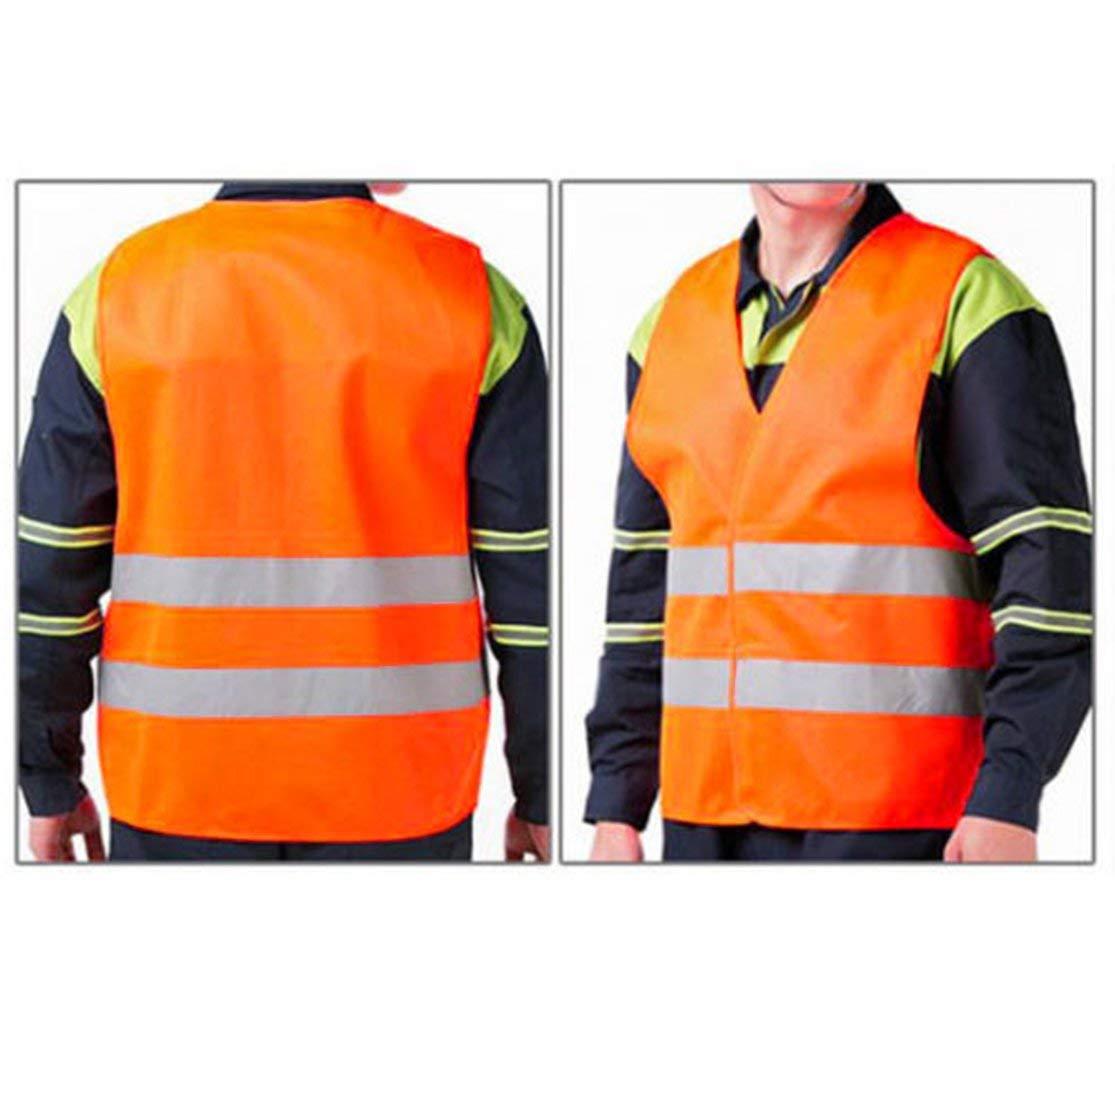 Color:Fluorescent Orange Raya Reflectante Tr/áfico Chaleco de Advertencia Ropa de Trabajo Alta Visibilidad Chaleco Protector para Trabajadores de saneamiento Asistente de polic/ía